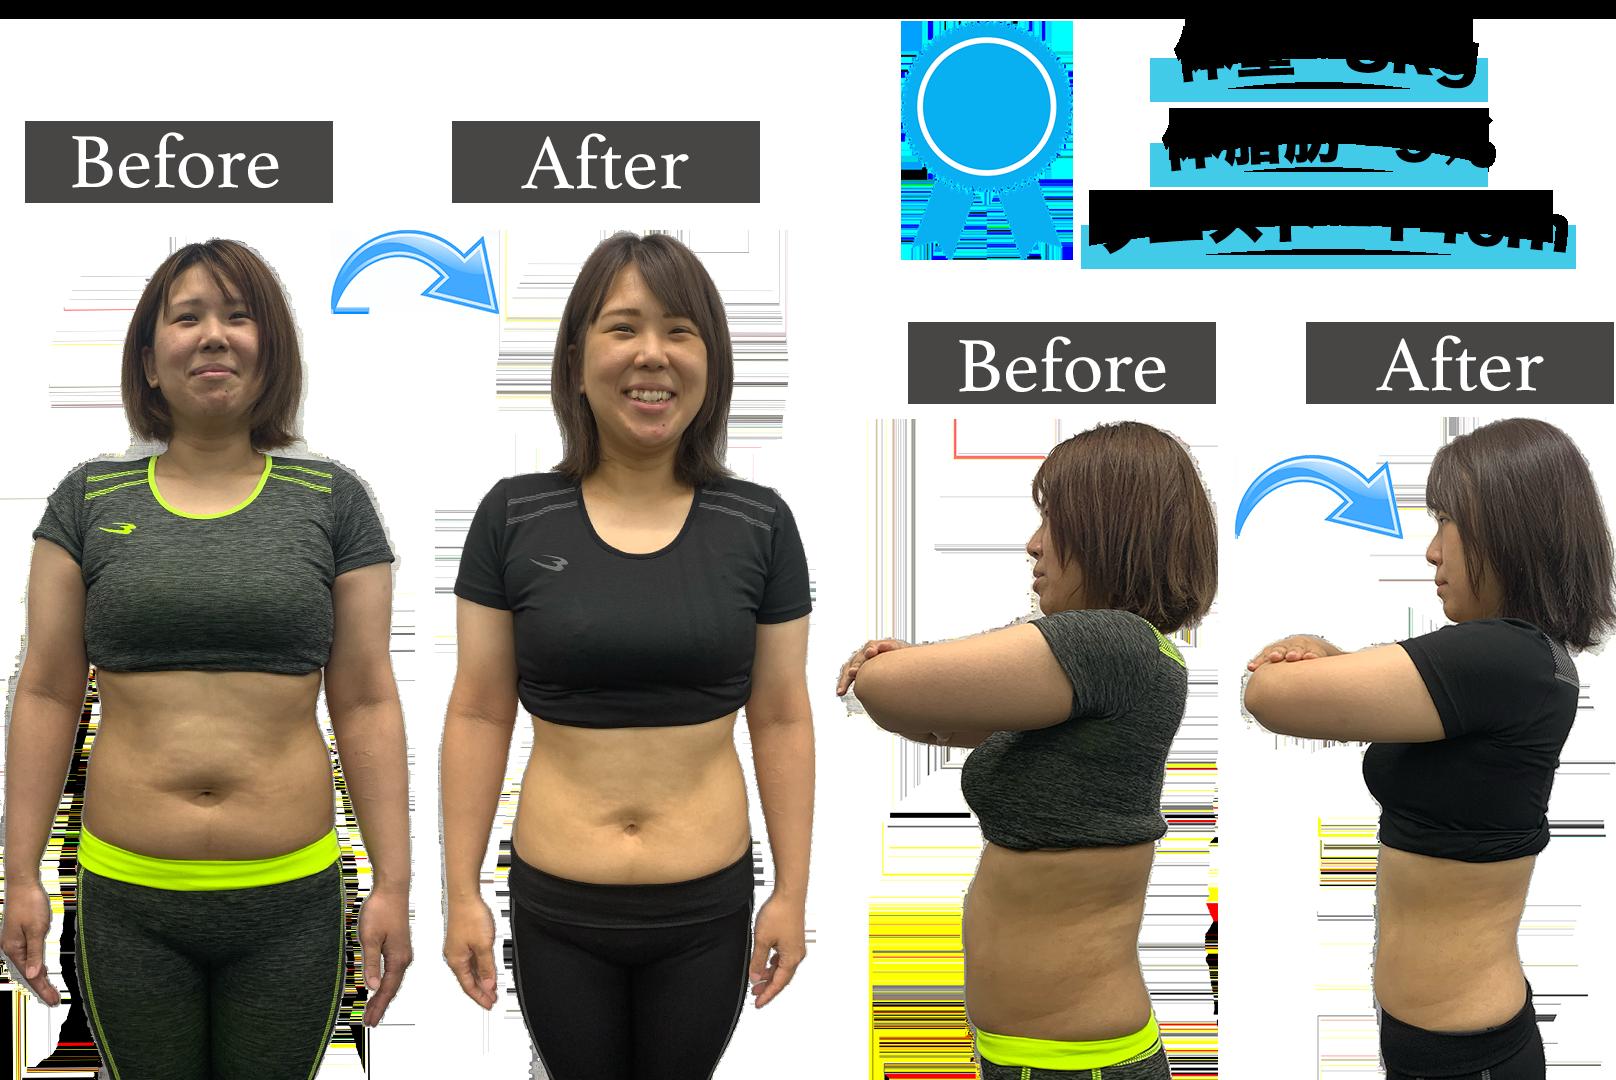 大曽根 パーソナルトレーニング ビフォーアフター 体重-8kg 体脂肪 -9% ウエスト-14cm